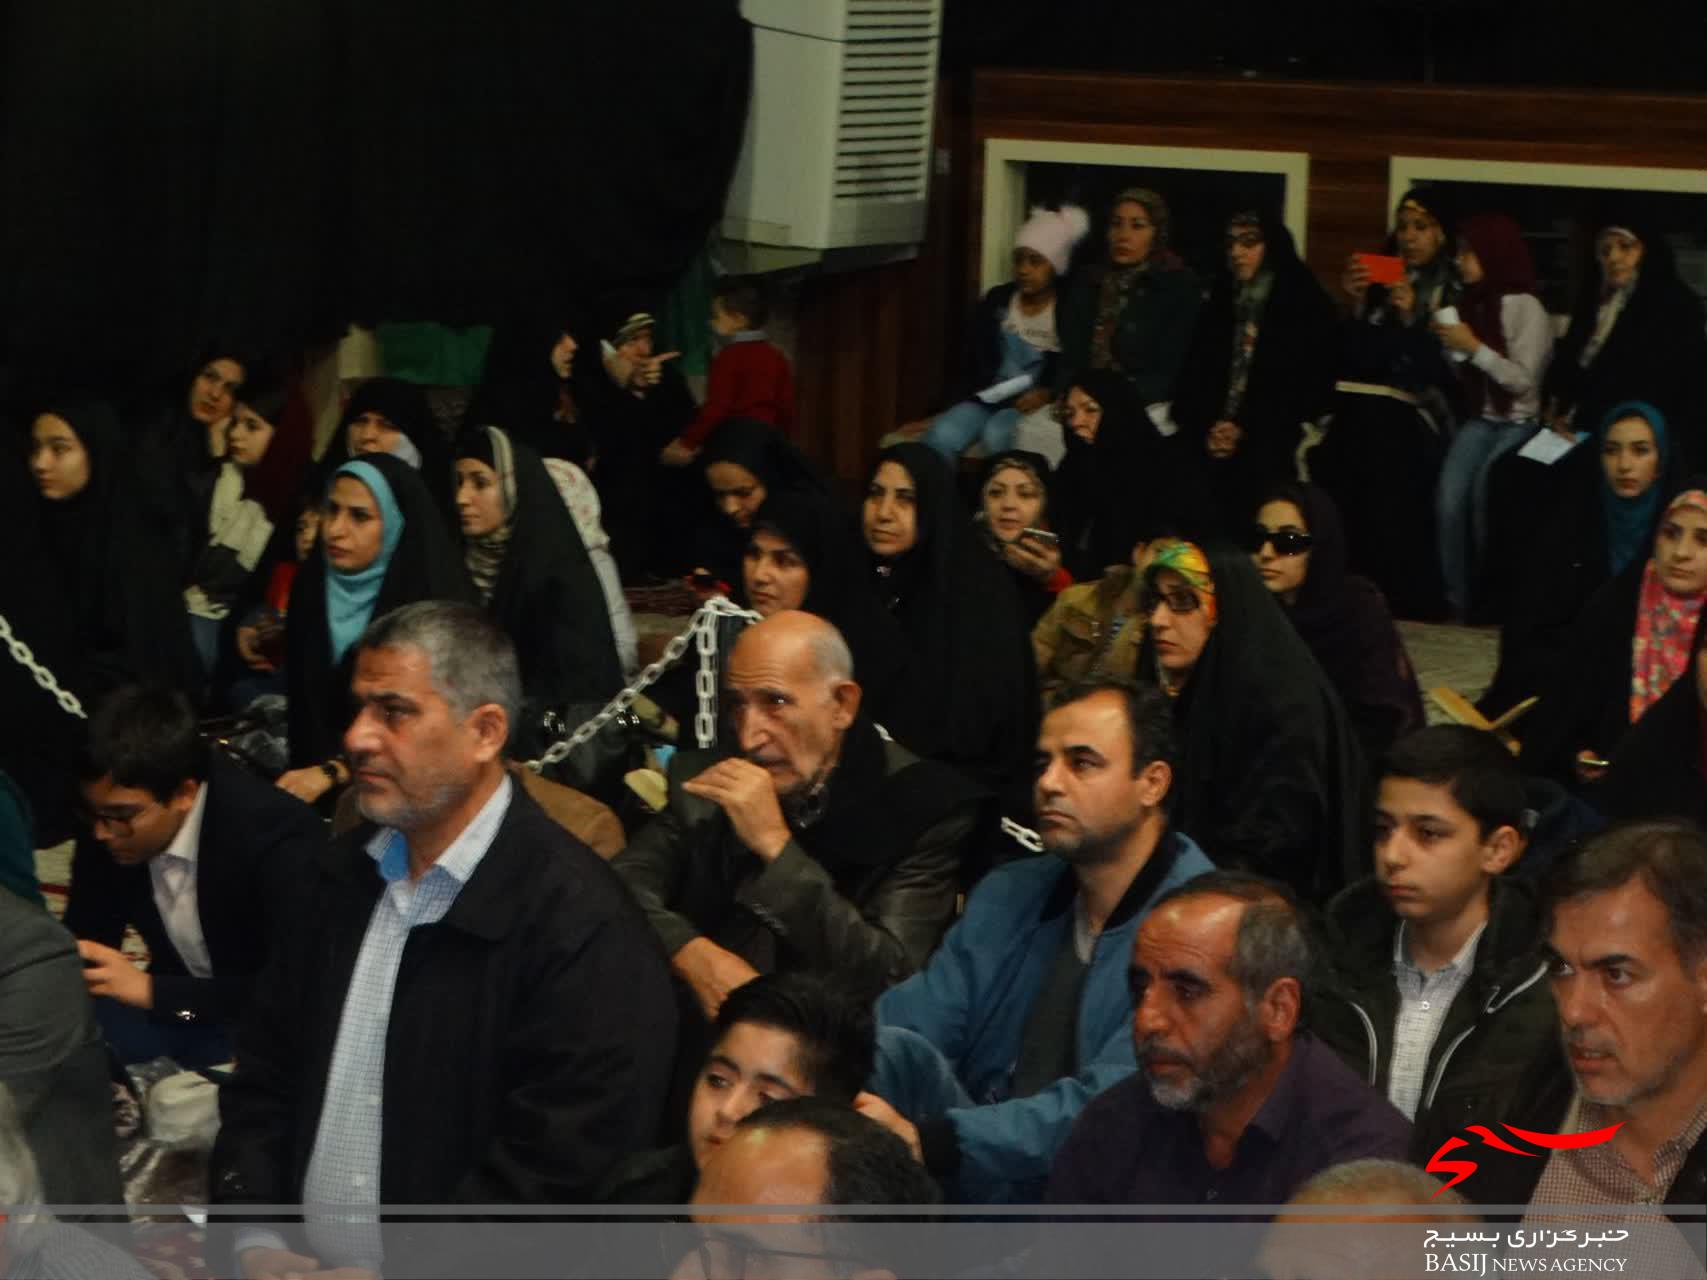 برگزاری اولین دوره تلاوت های مجلسی در استان البرز